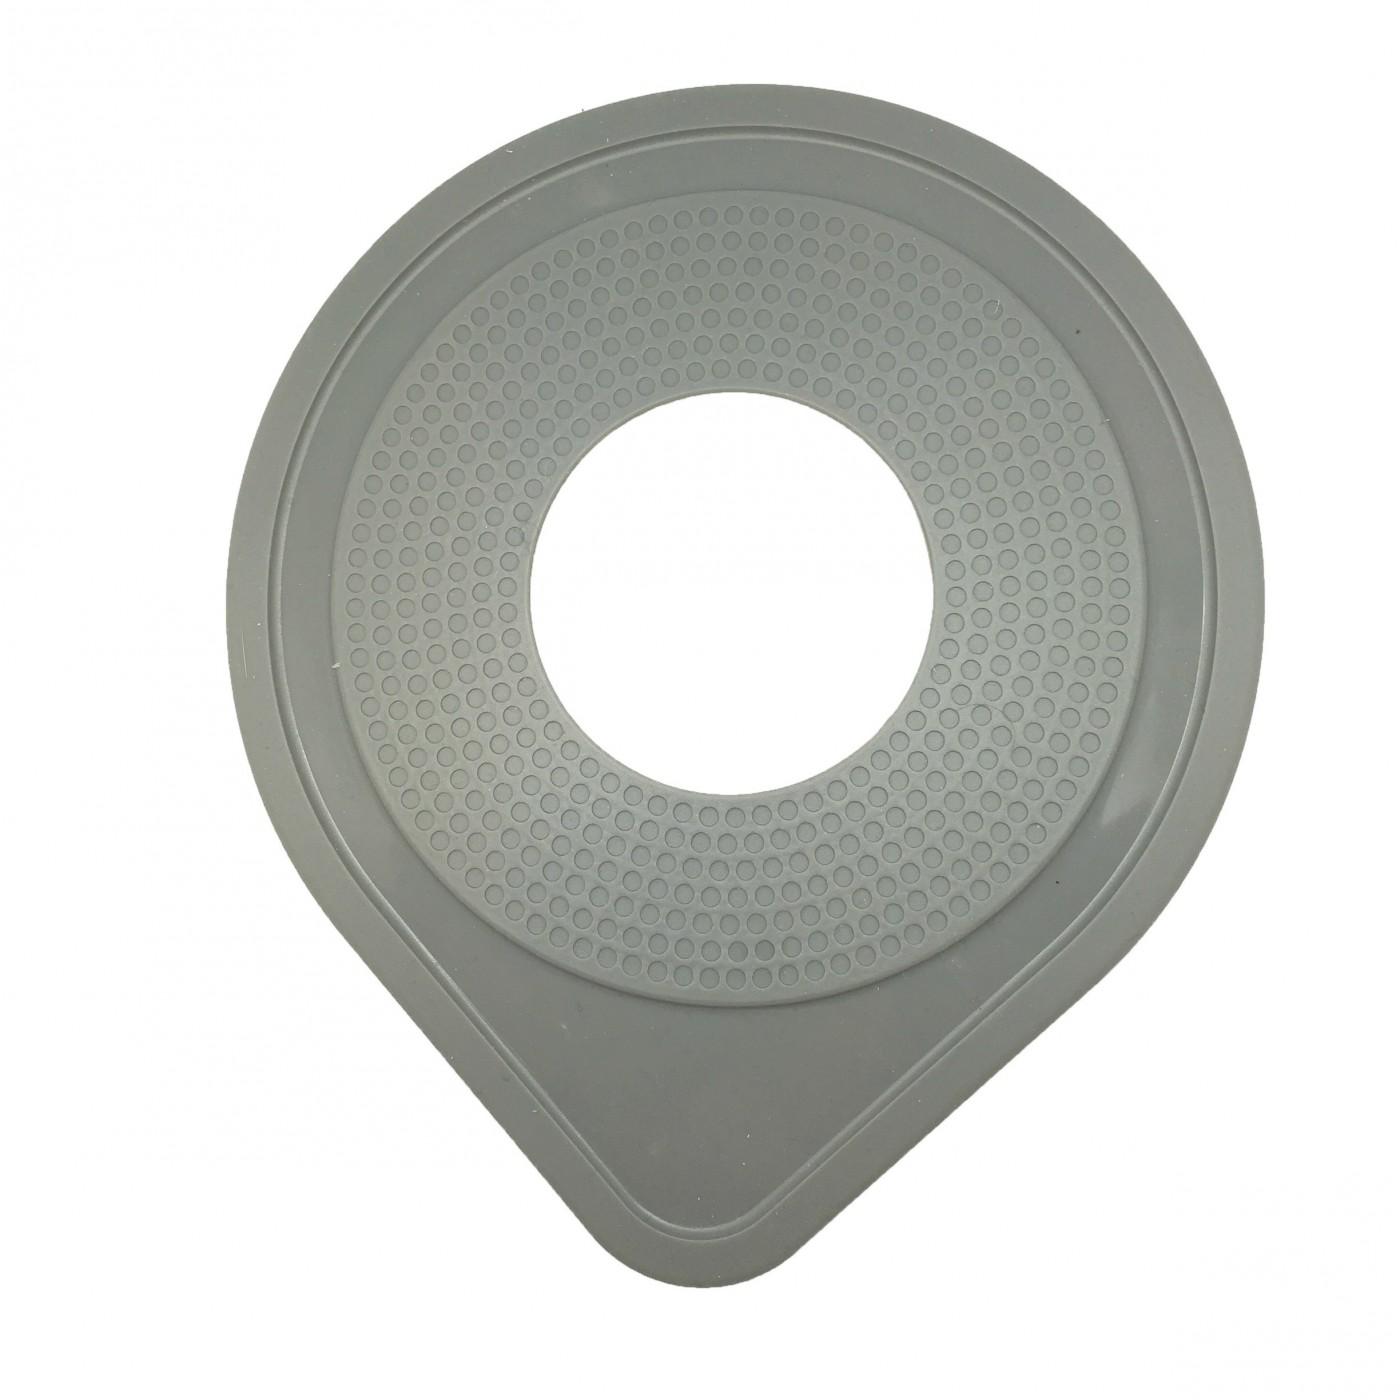 Plaque À Induction Pas Cher 2 disques protège plaque induction